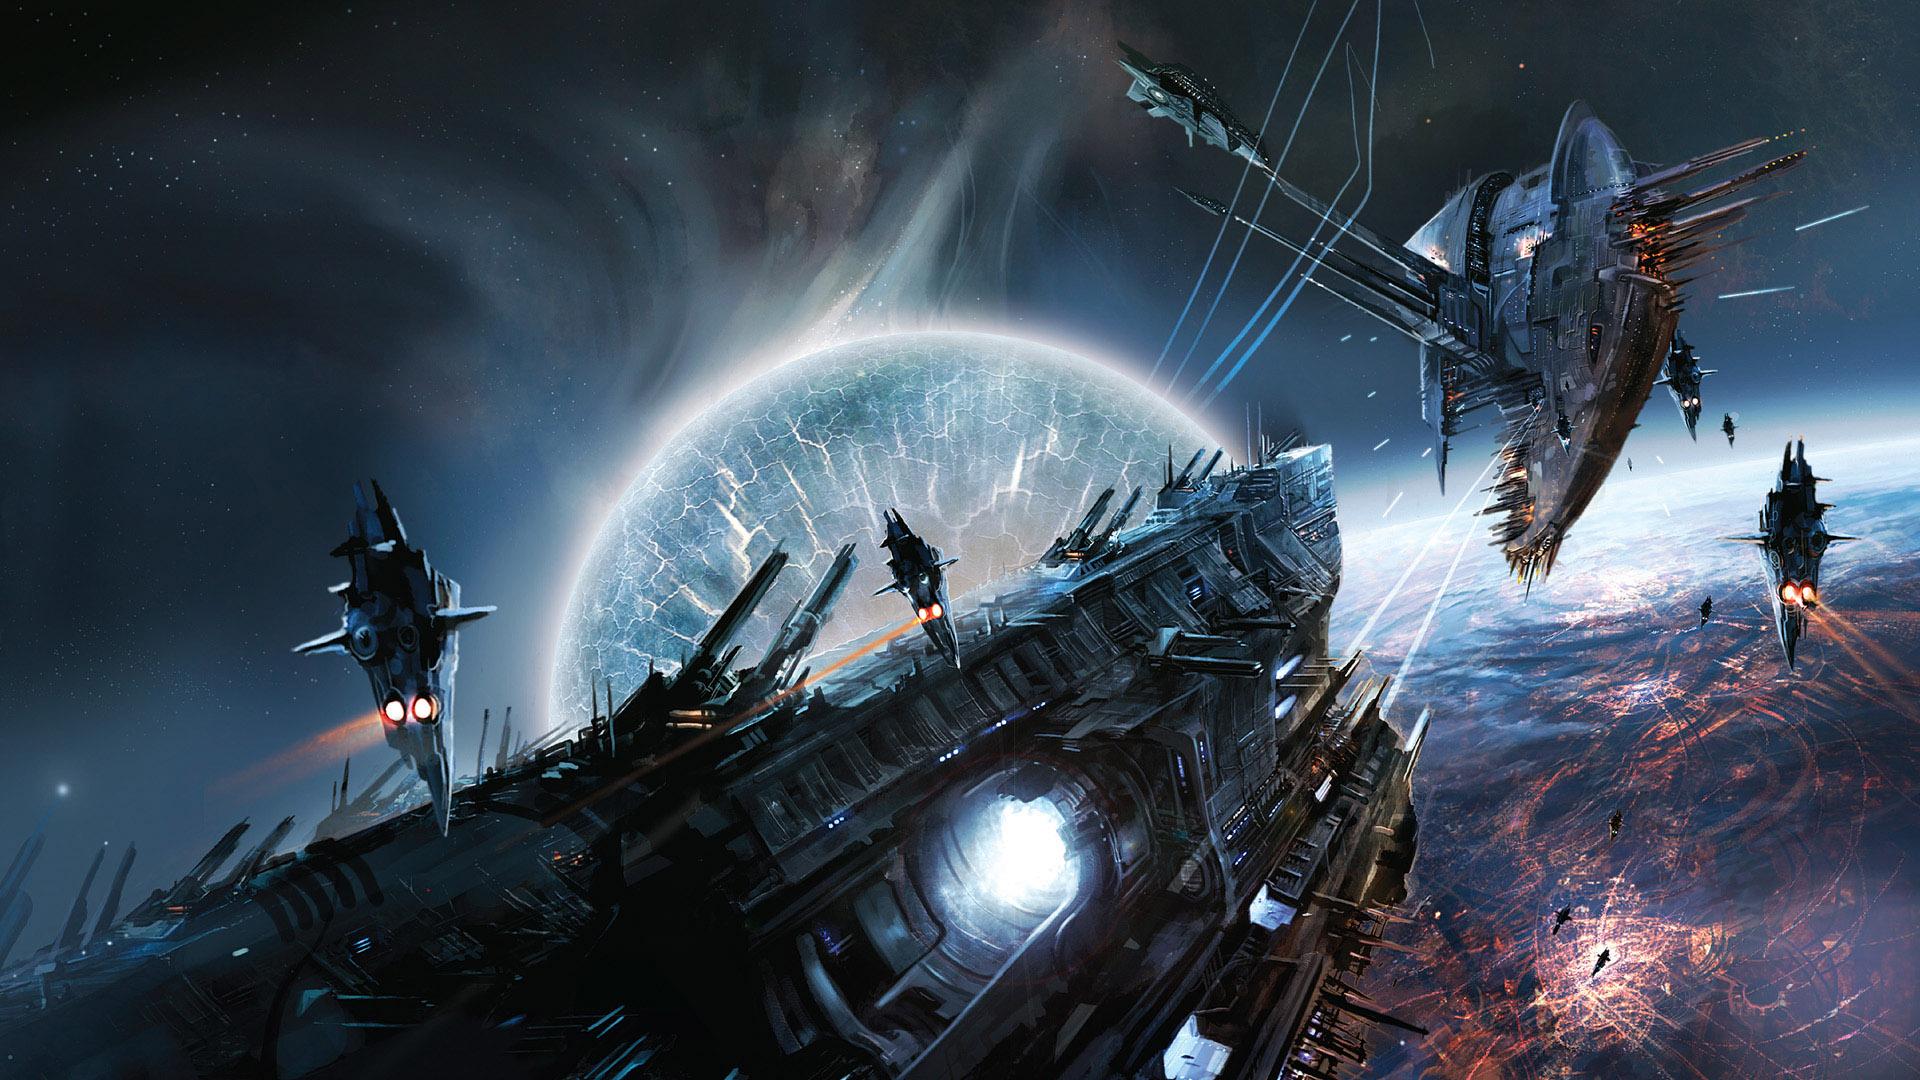 Обои Разрушенная планета, корабль картинки на рабочий стол на тему Космос - скачать бесплатно